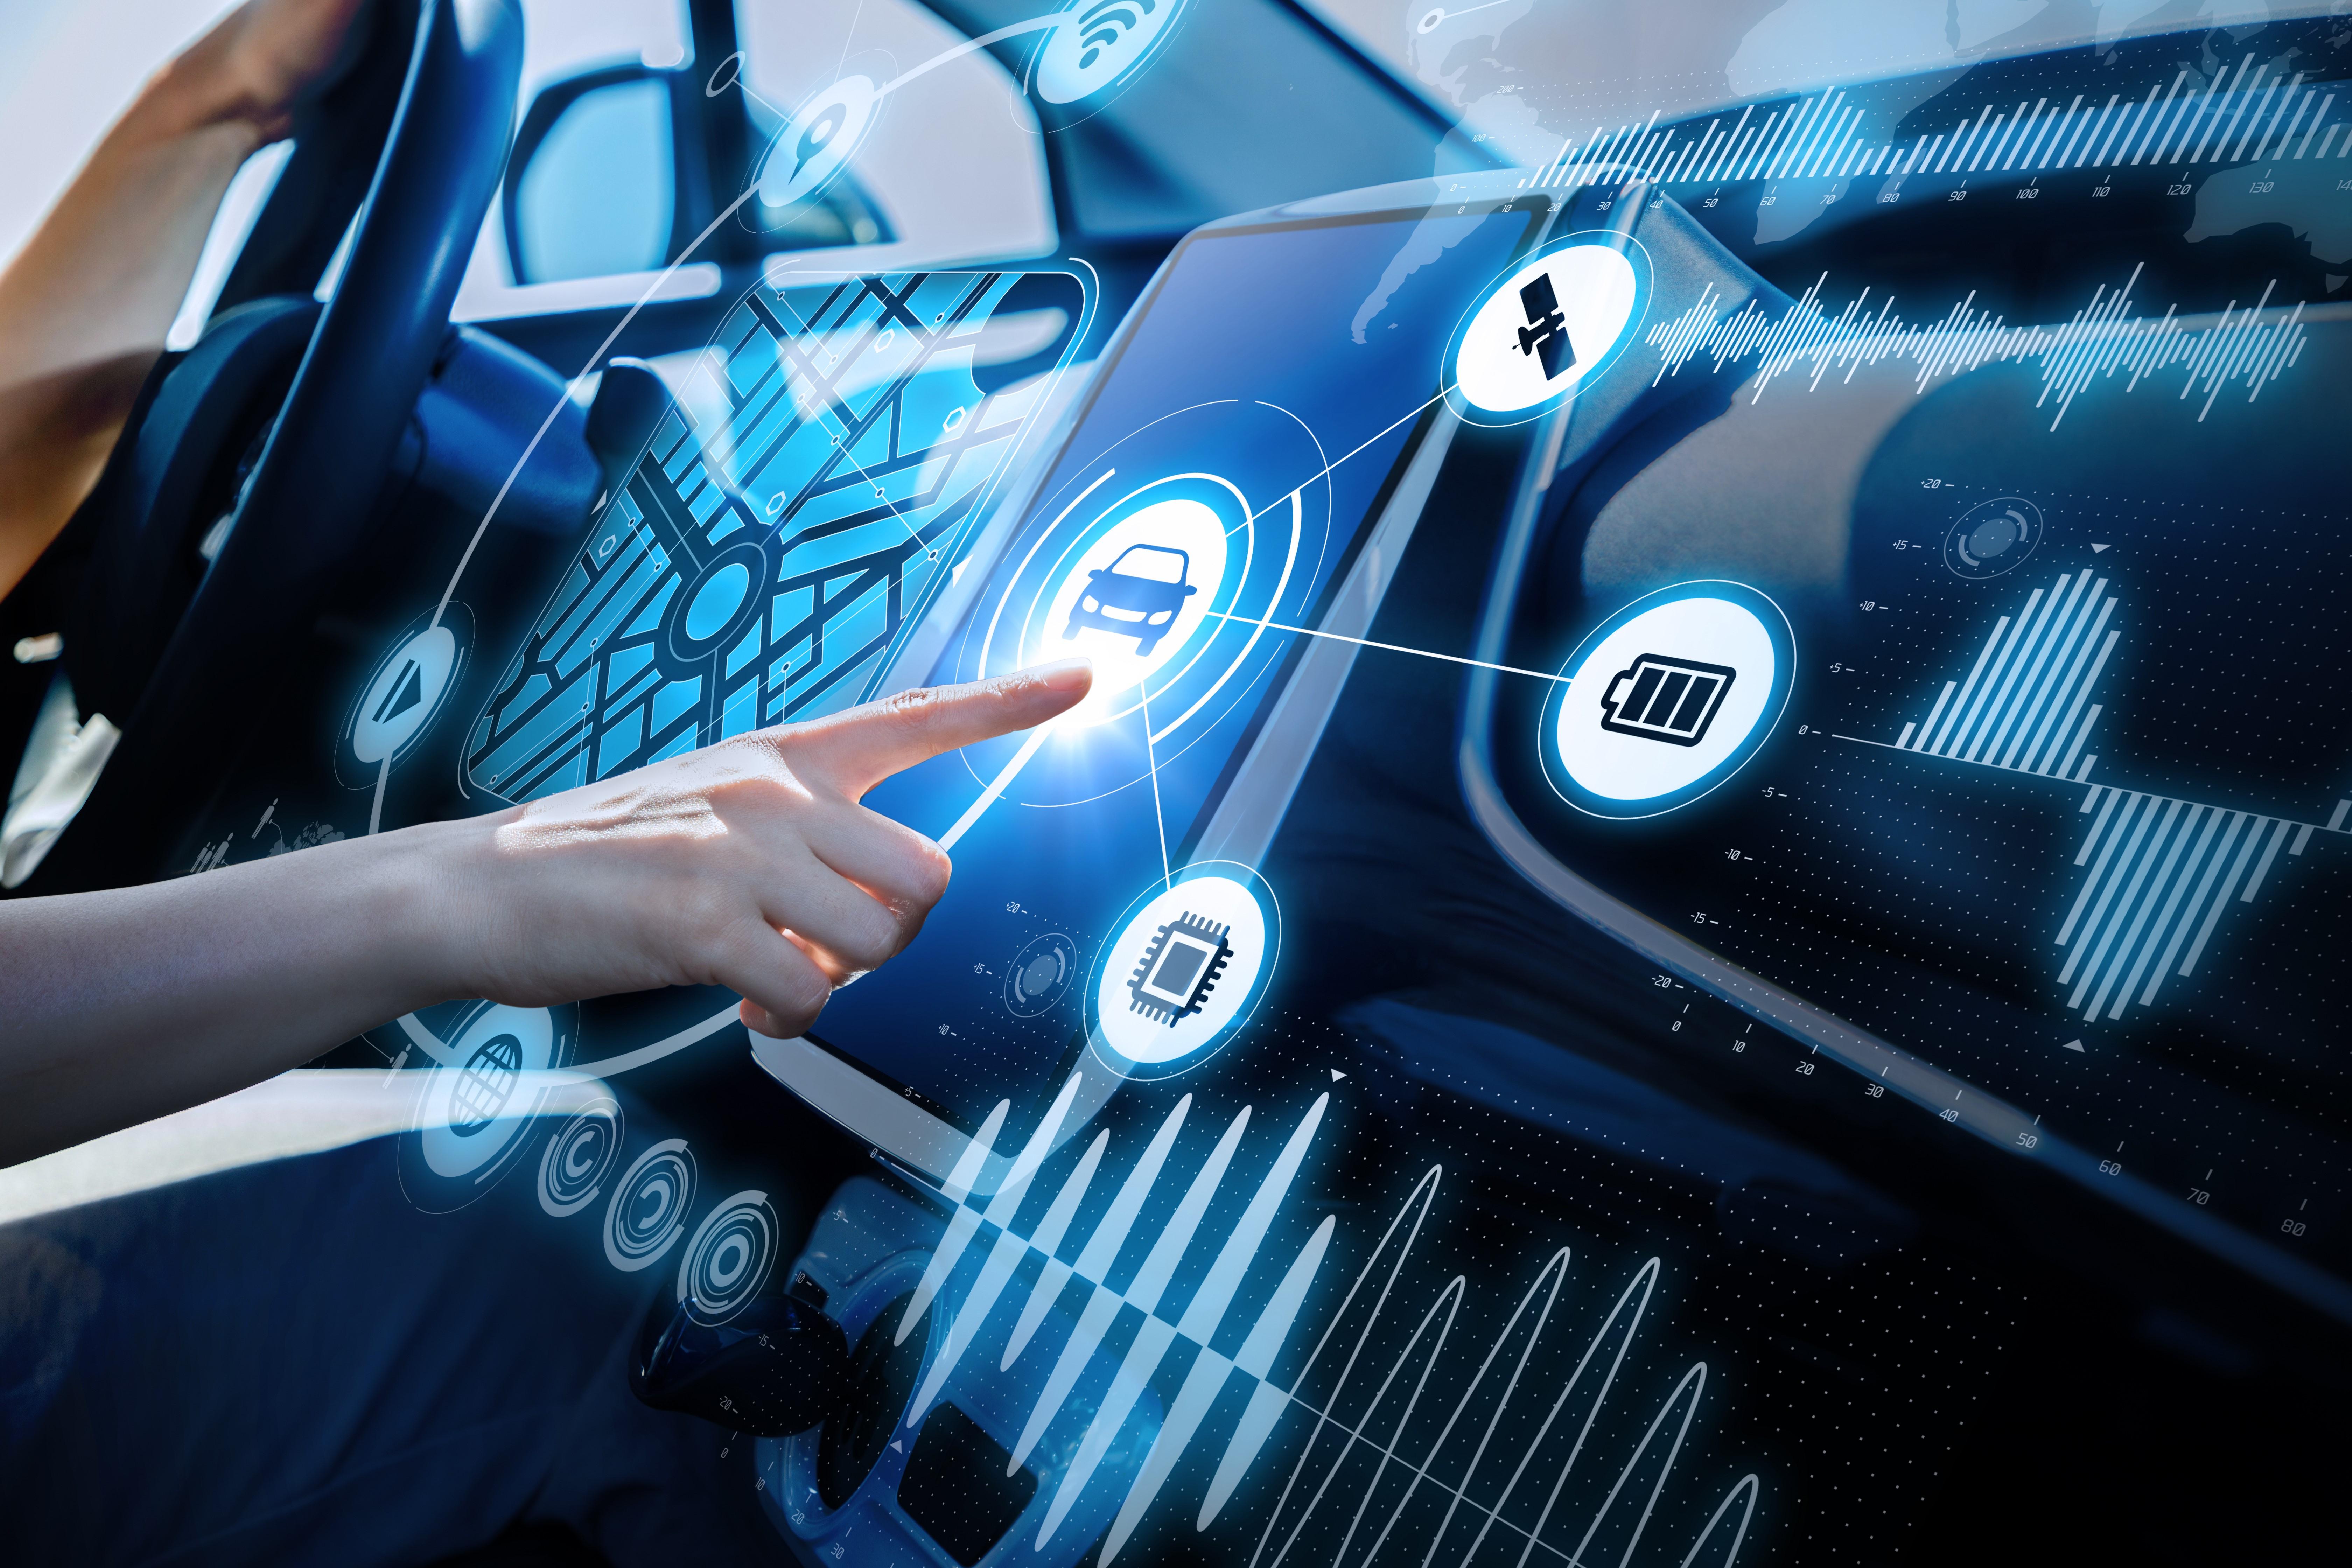 Huawei thành lập liên minh với 18 hãng xe để sản xuất ô tô? - Ảnh 1.